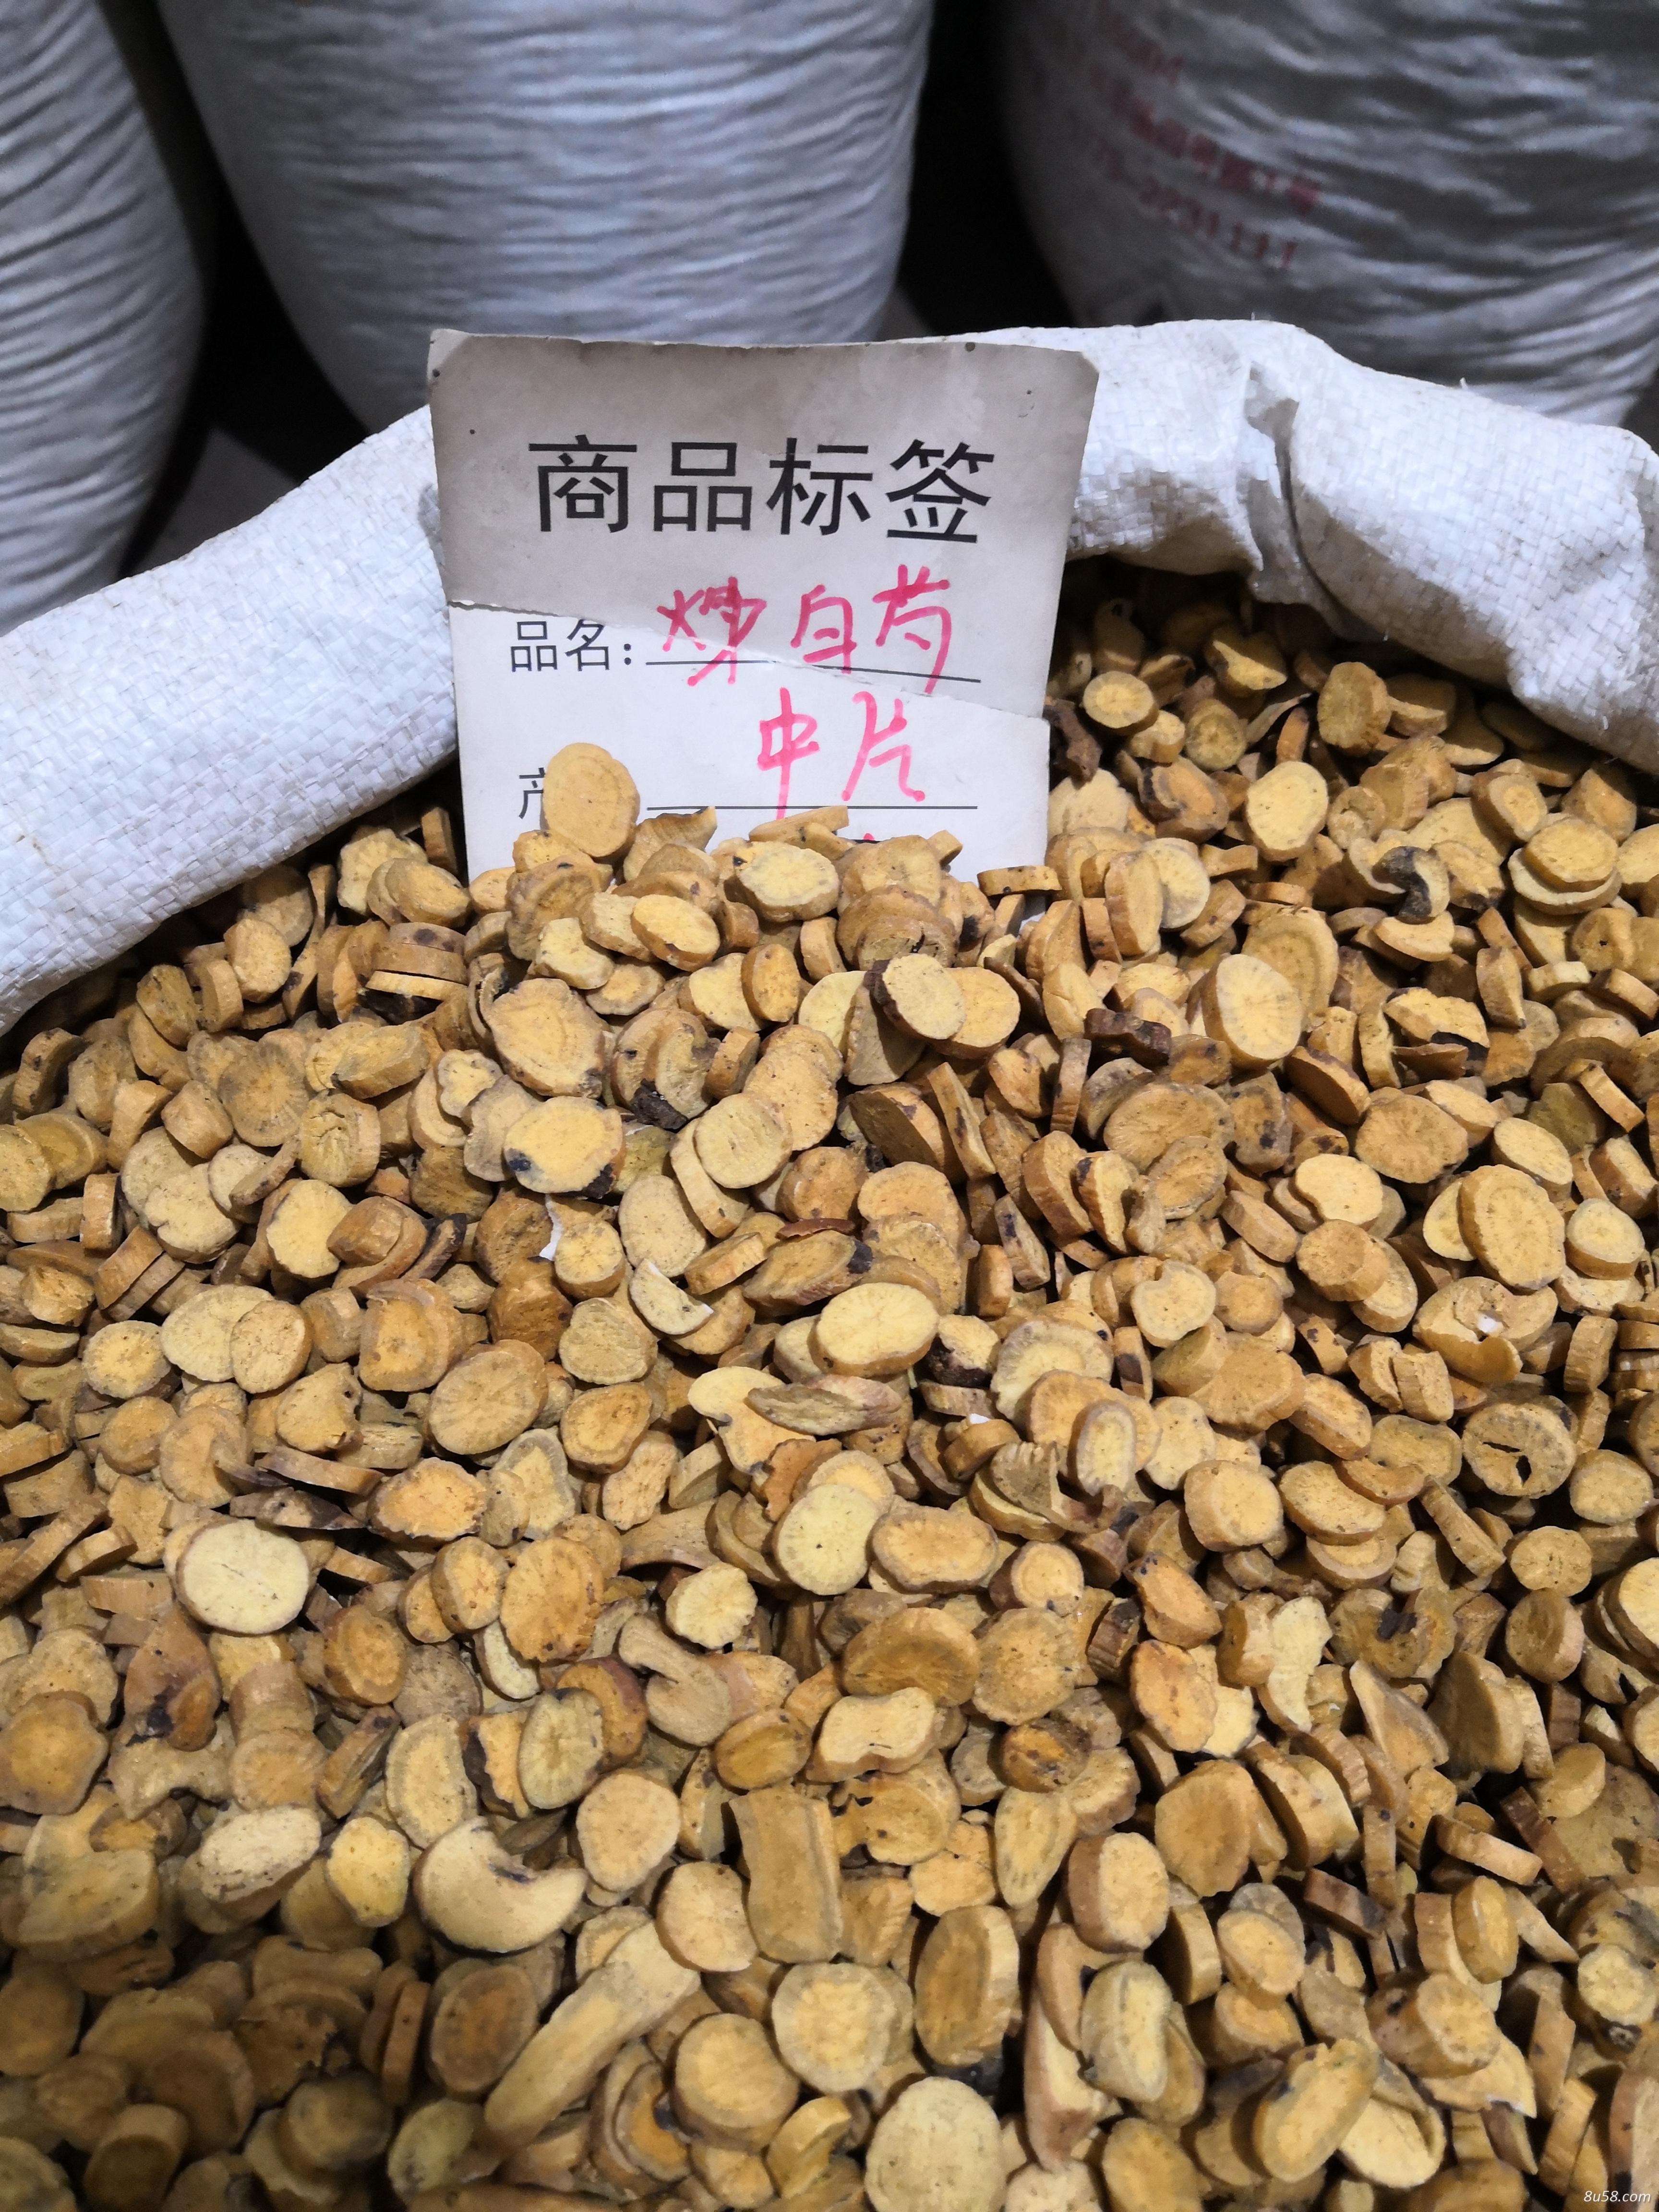 炒白芍哪里能买到 炒白芍一公斤多少钱 去哪买炒白芍